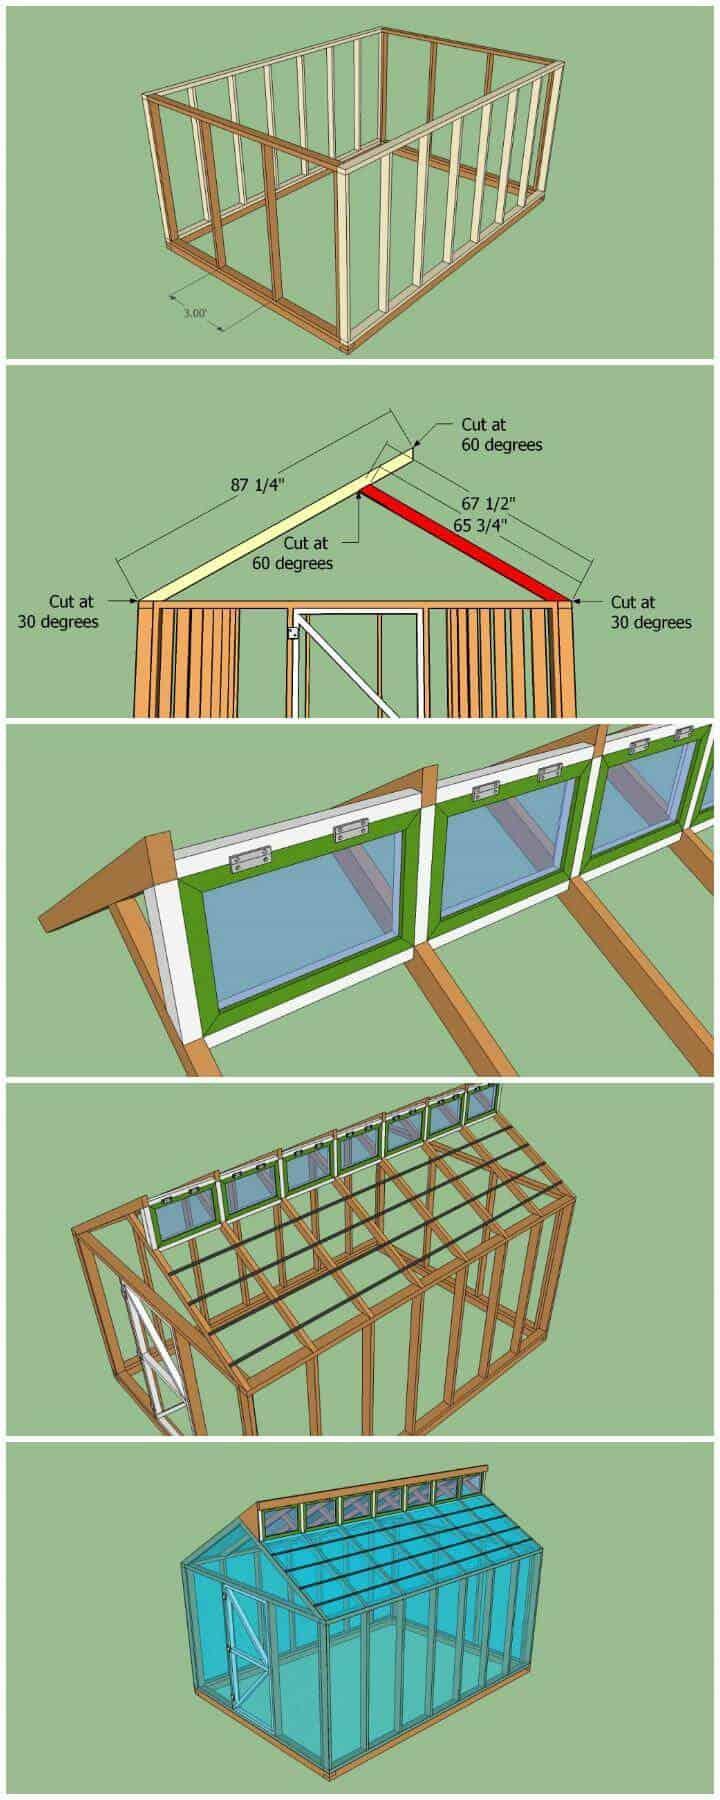 Planes gratuitos de bricolaje para un pequeño invernadero personalizado